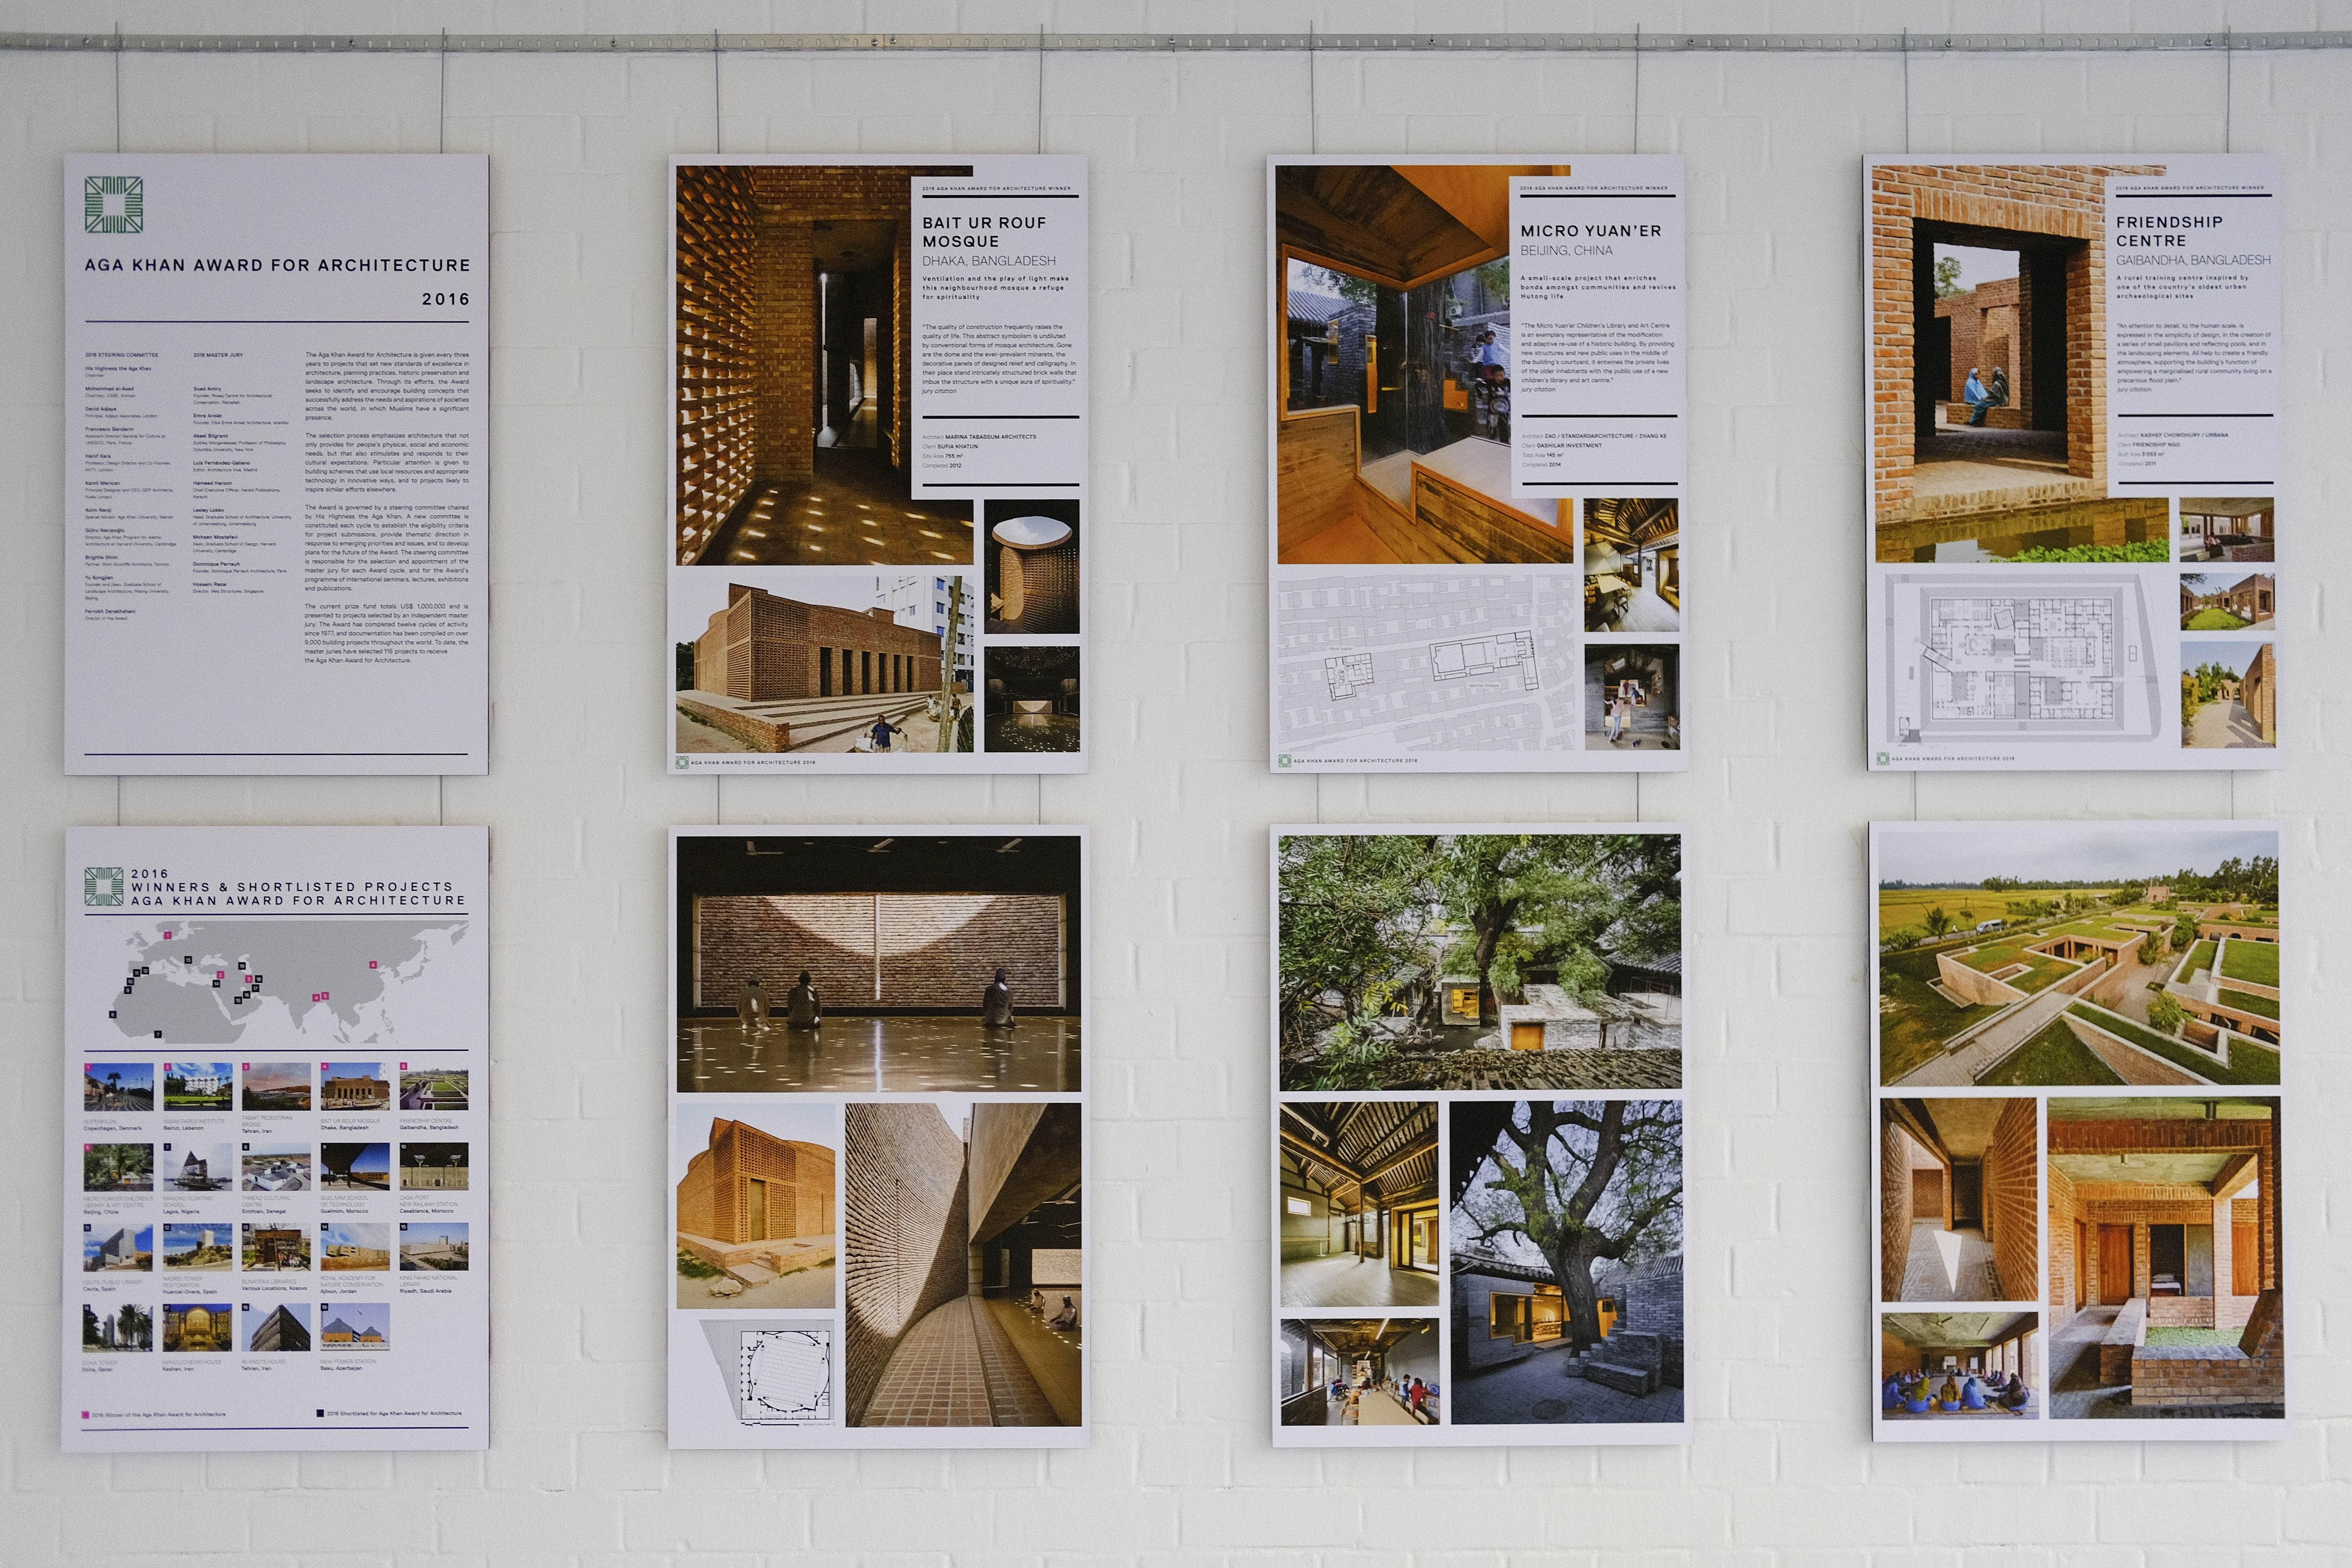 Aga Khan Award Exhibition - Natural Building Lab